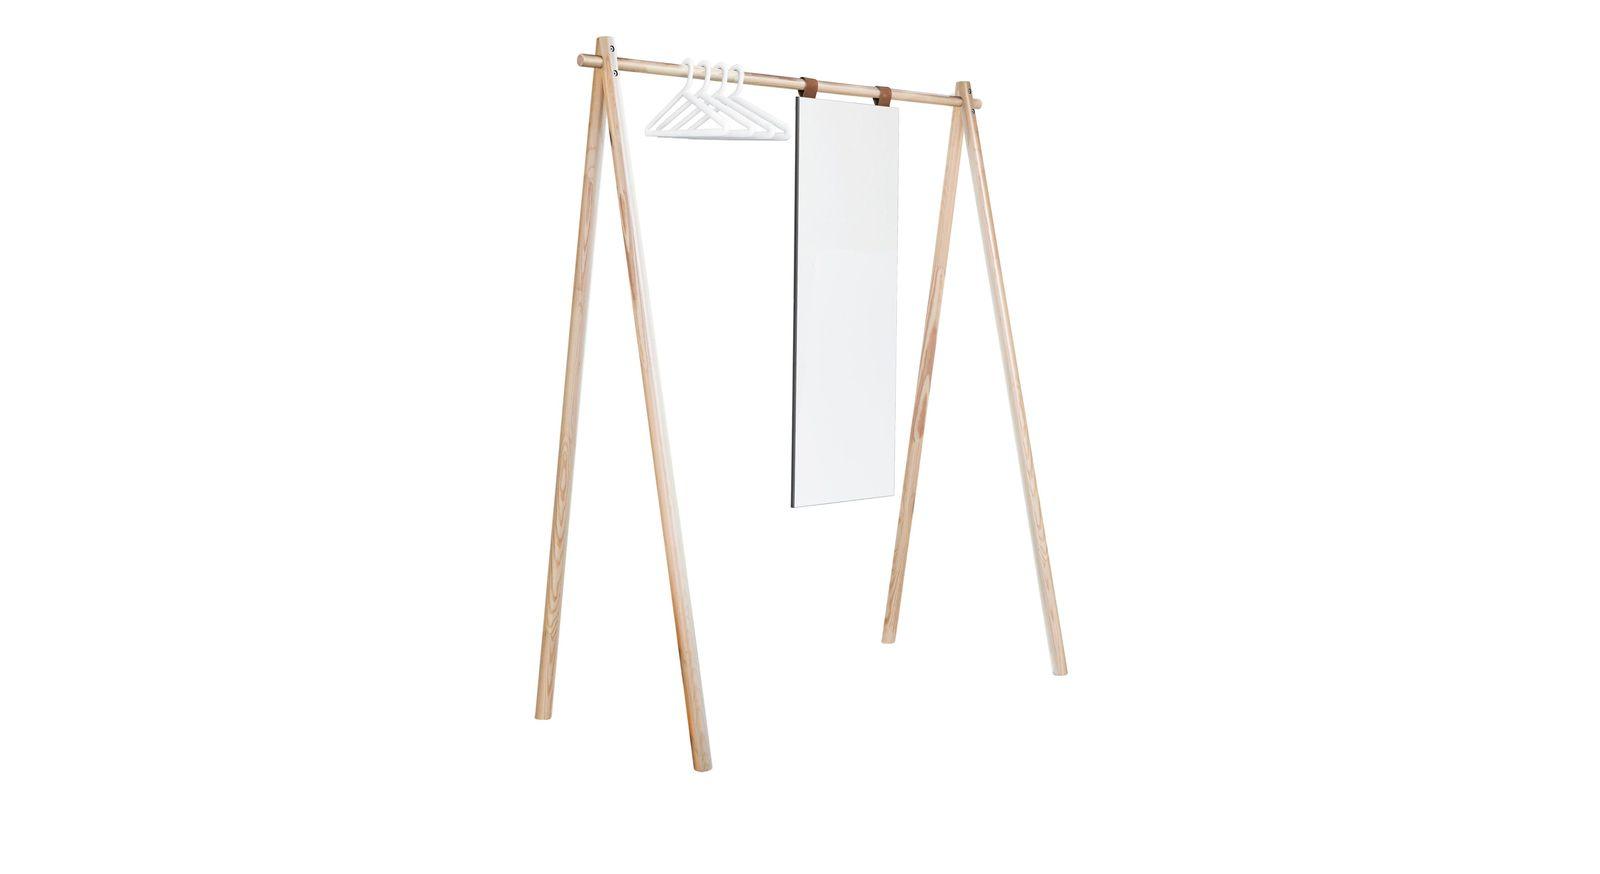 Naturfarbene Garderobe Toffia mit Spiegel und weißen Bügeln